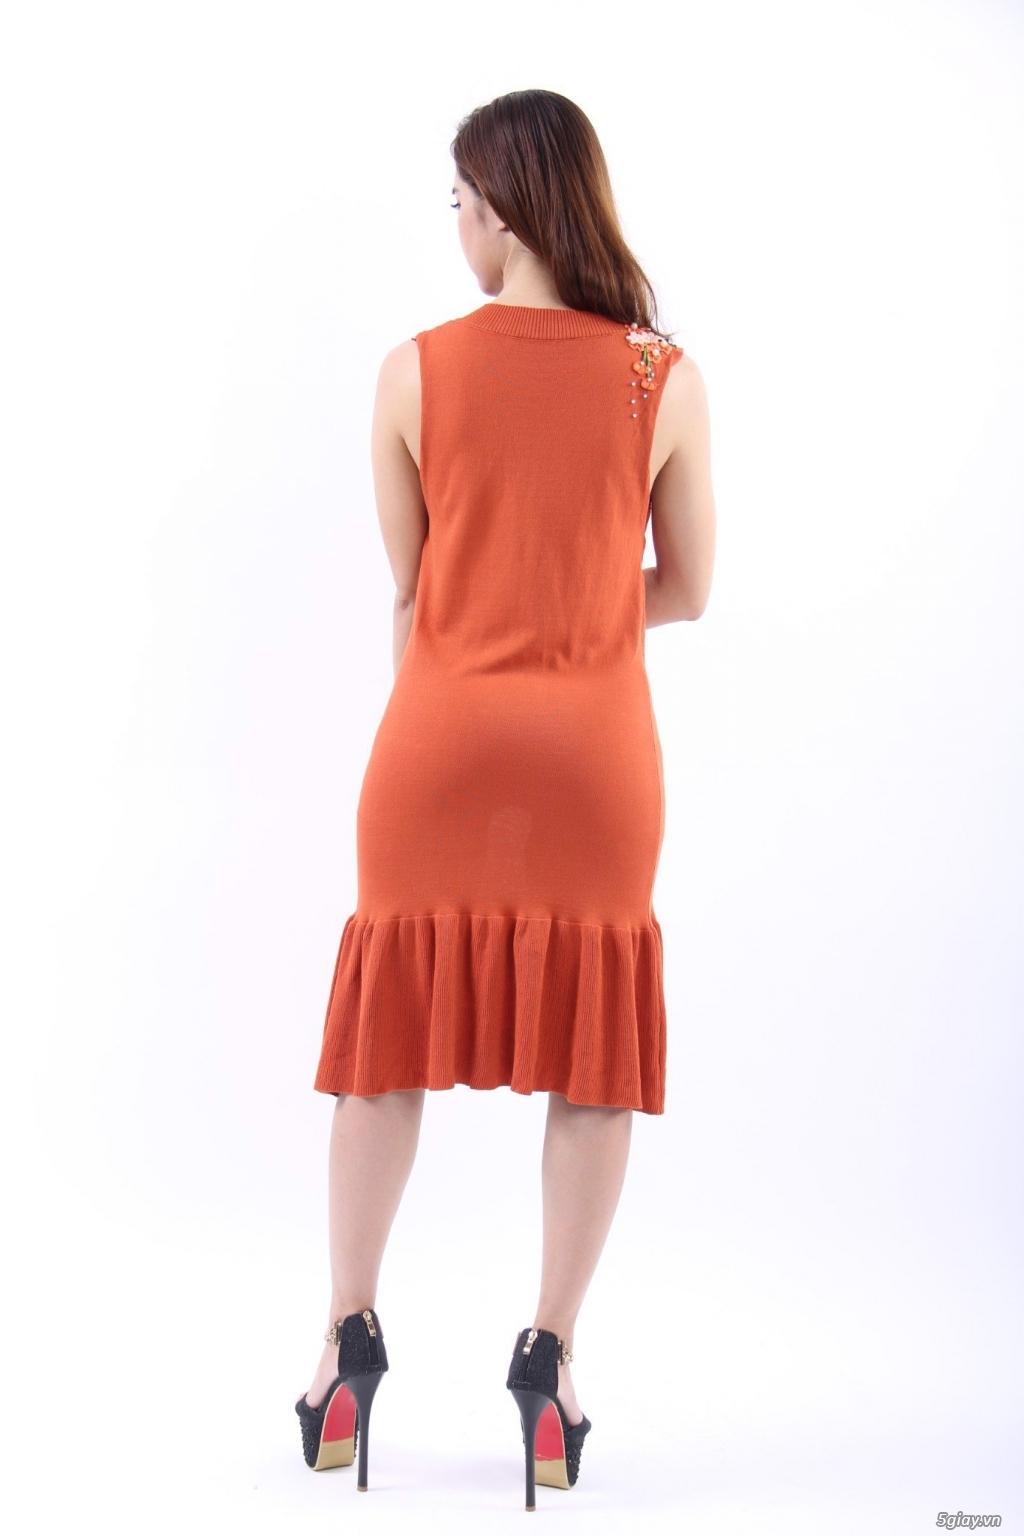 Wal House Fashion - Thiết kế chuyên nghiệp - SP Đa dạng - 39